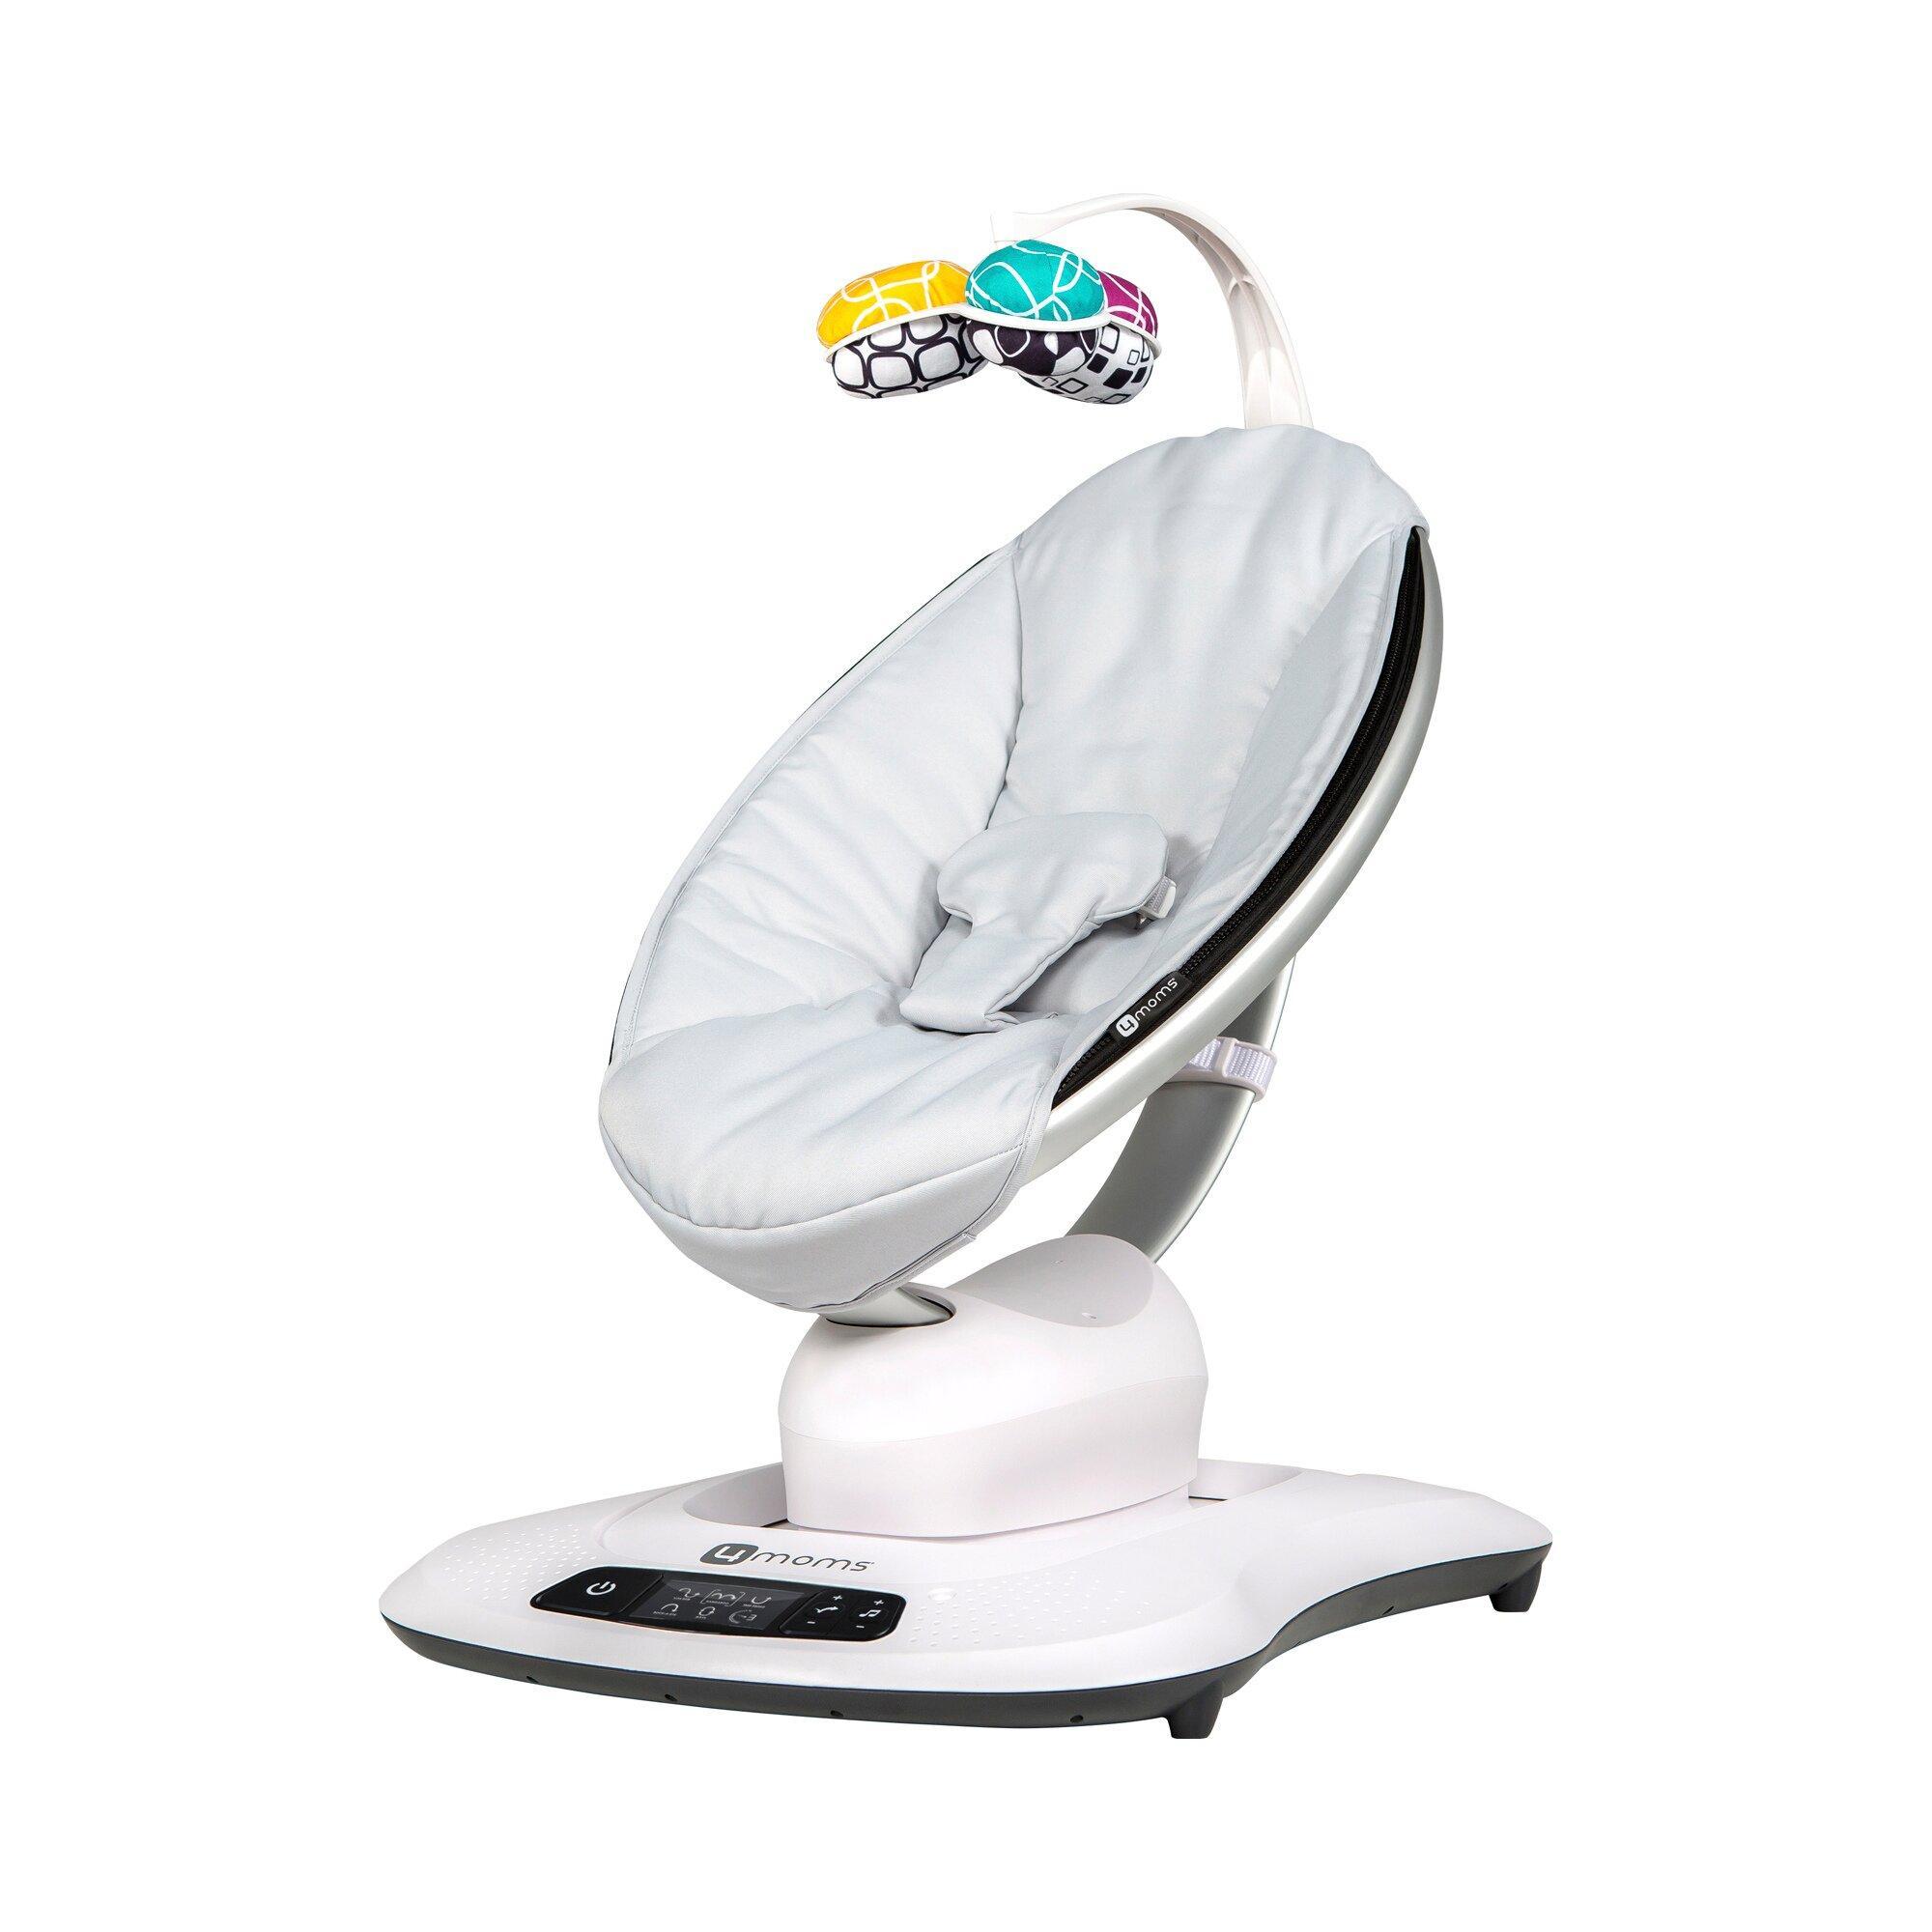 Babyschaukel 3D